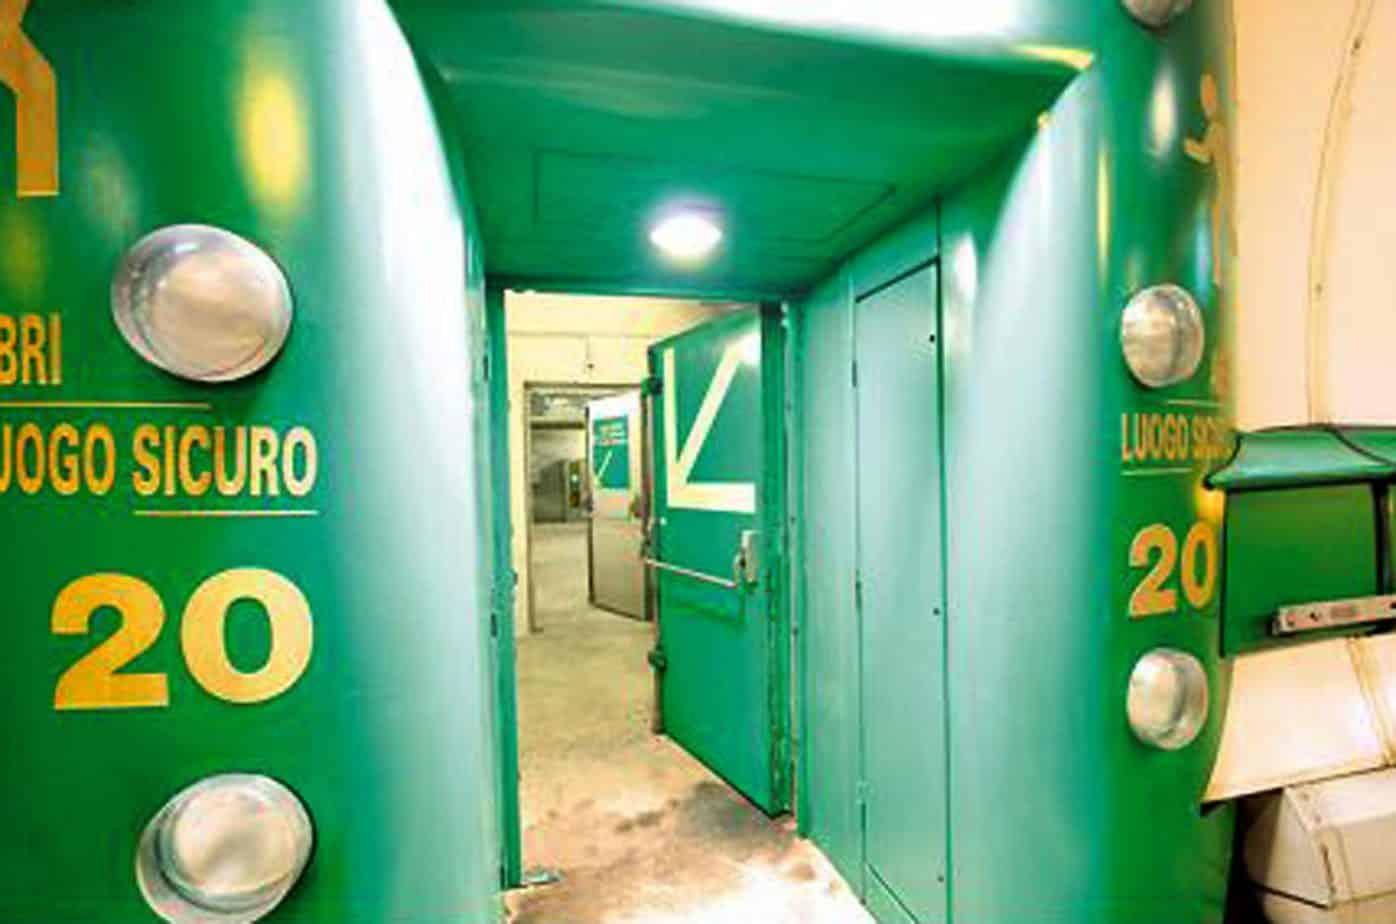 Particolari delle porte di ingresso dei luoghi sicuri